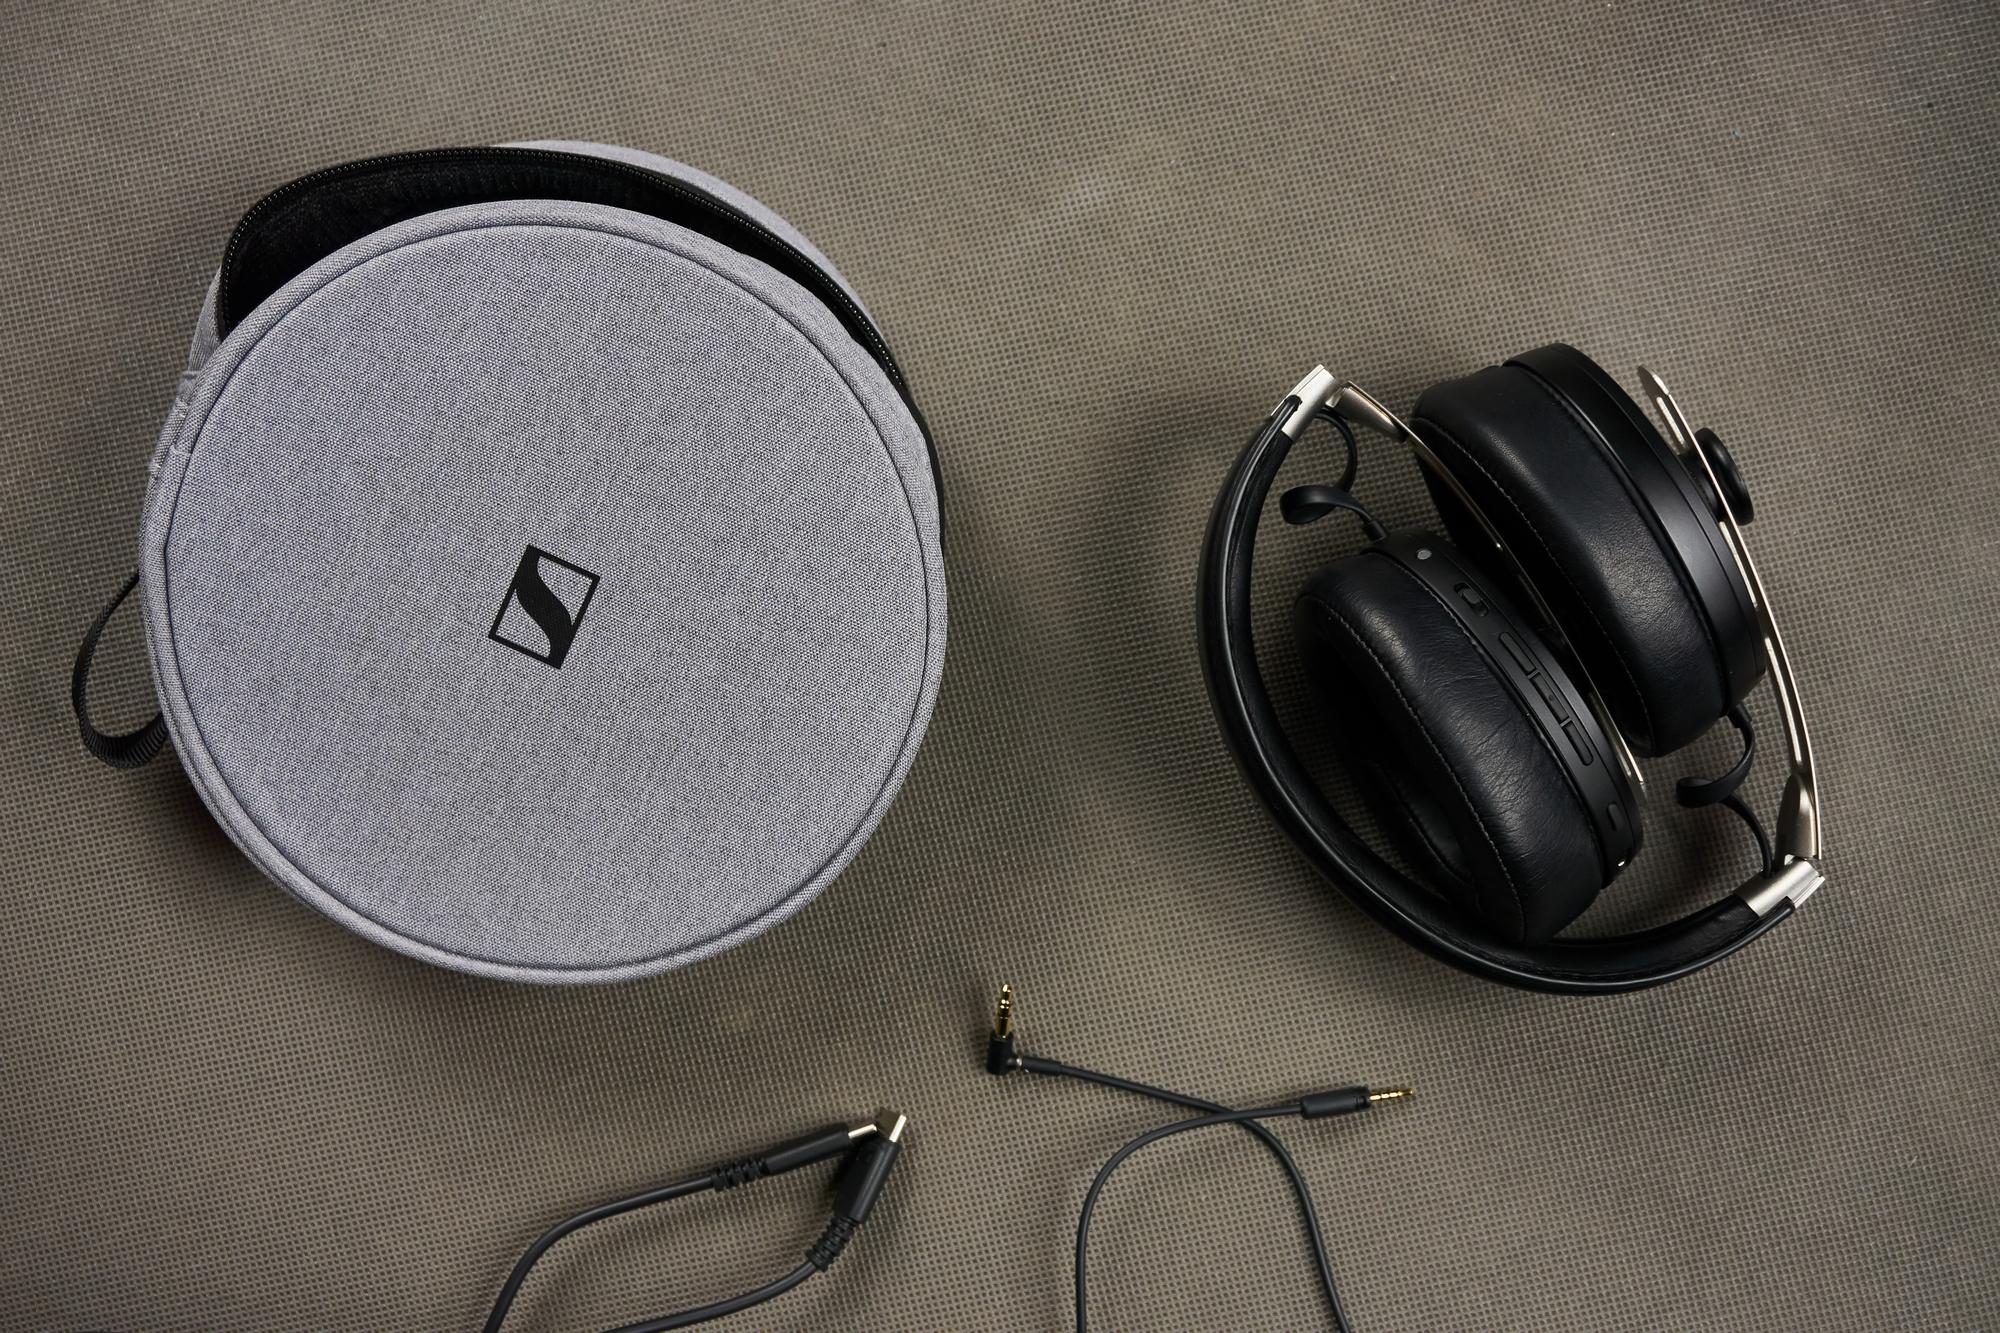 Recenzja Sennheiser Momentum Wireless - niemieckim inżynierom dźwięku progres nie jest obcy 42